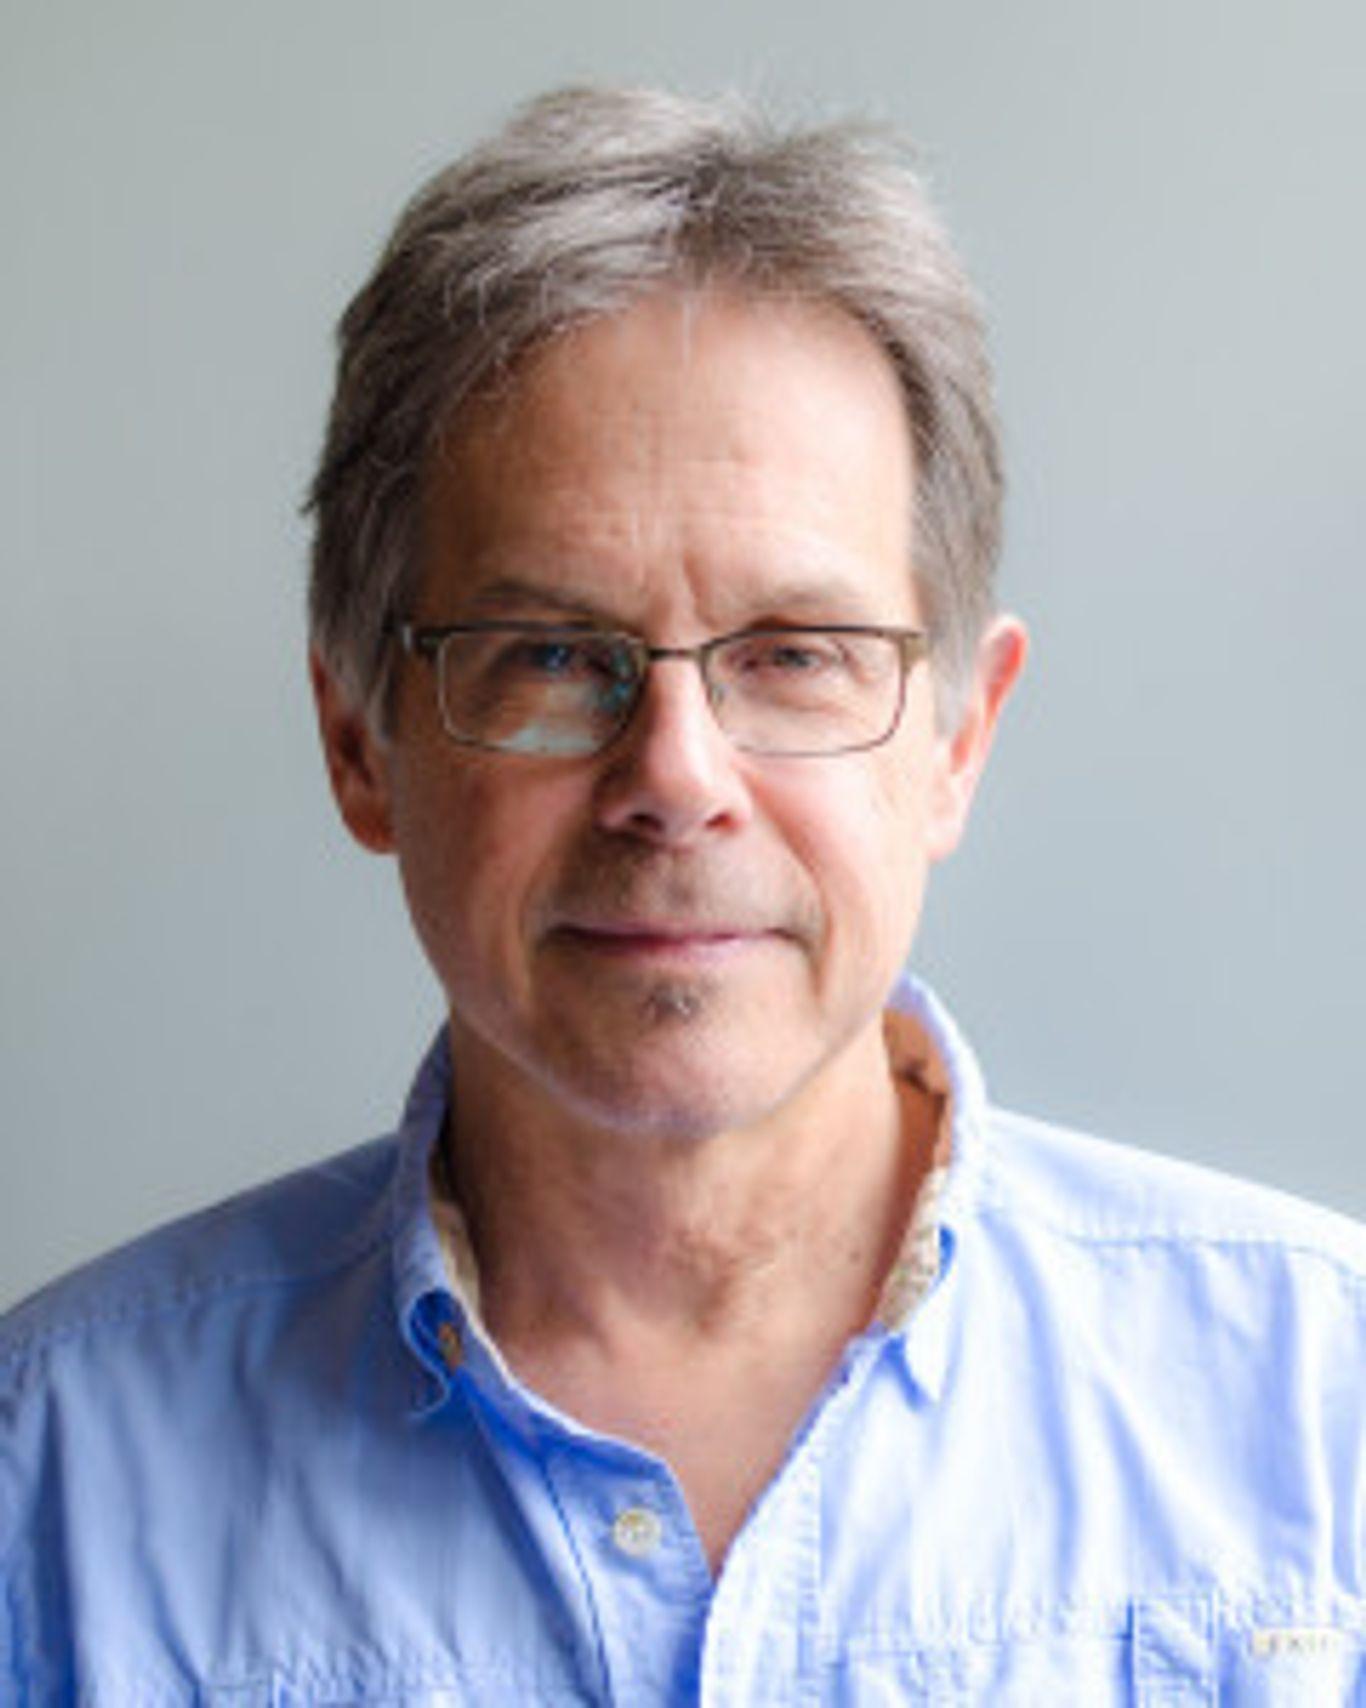 Nicholas Prout